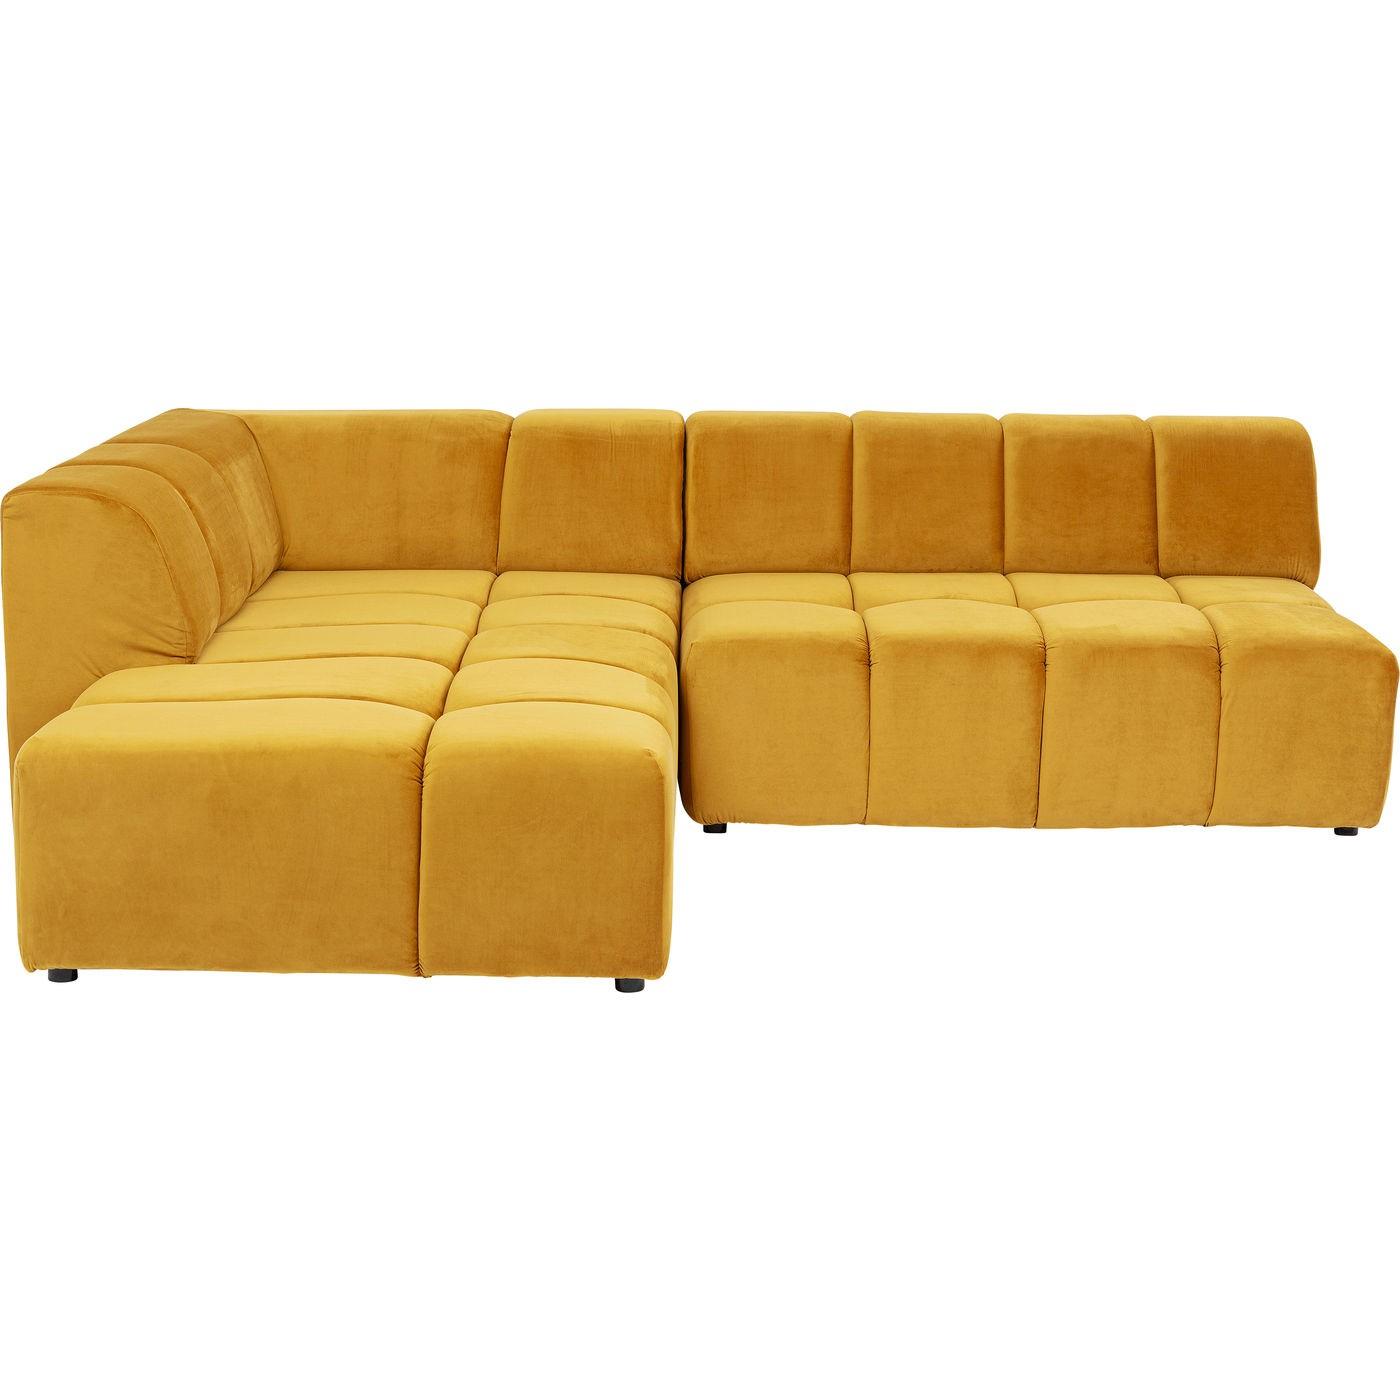 Canapé d'angle gauche 4 places en tissu ocre